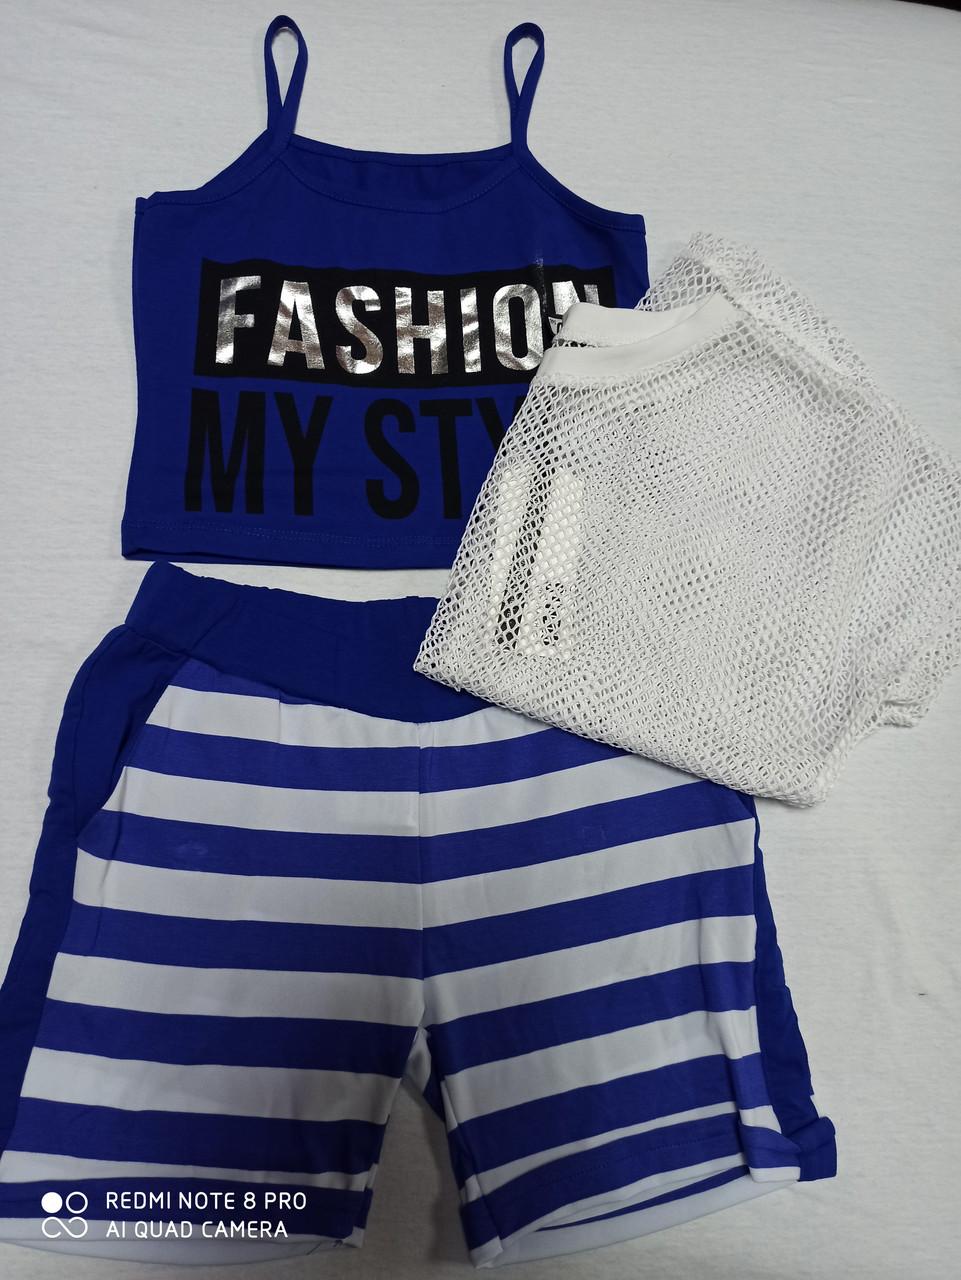 Летний подростковый  костюм для девочки шорты +футболка+ футболка накидка хлопок 100%.Размеры 146.158.164 рост